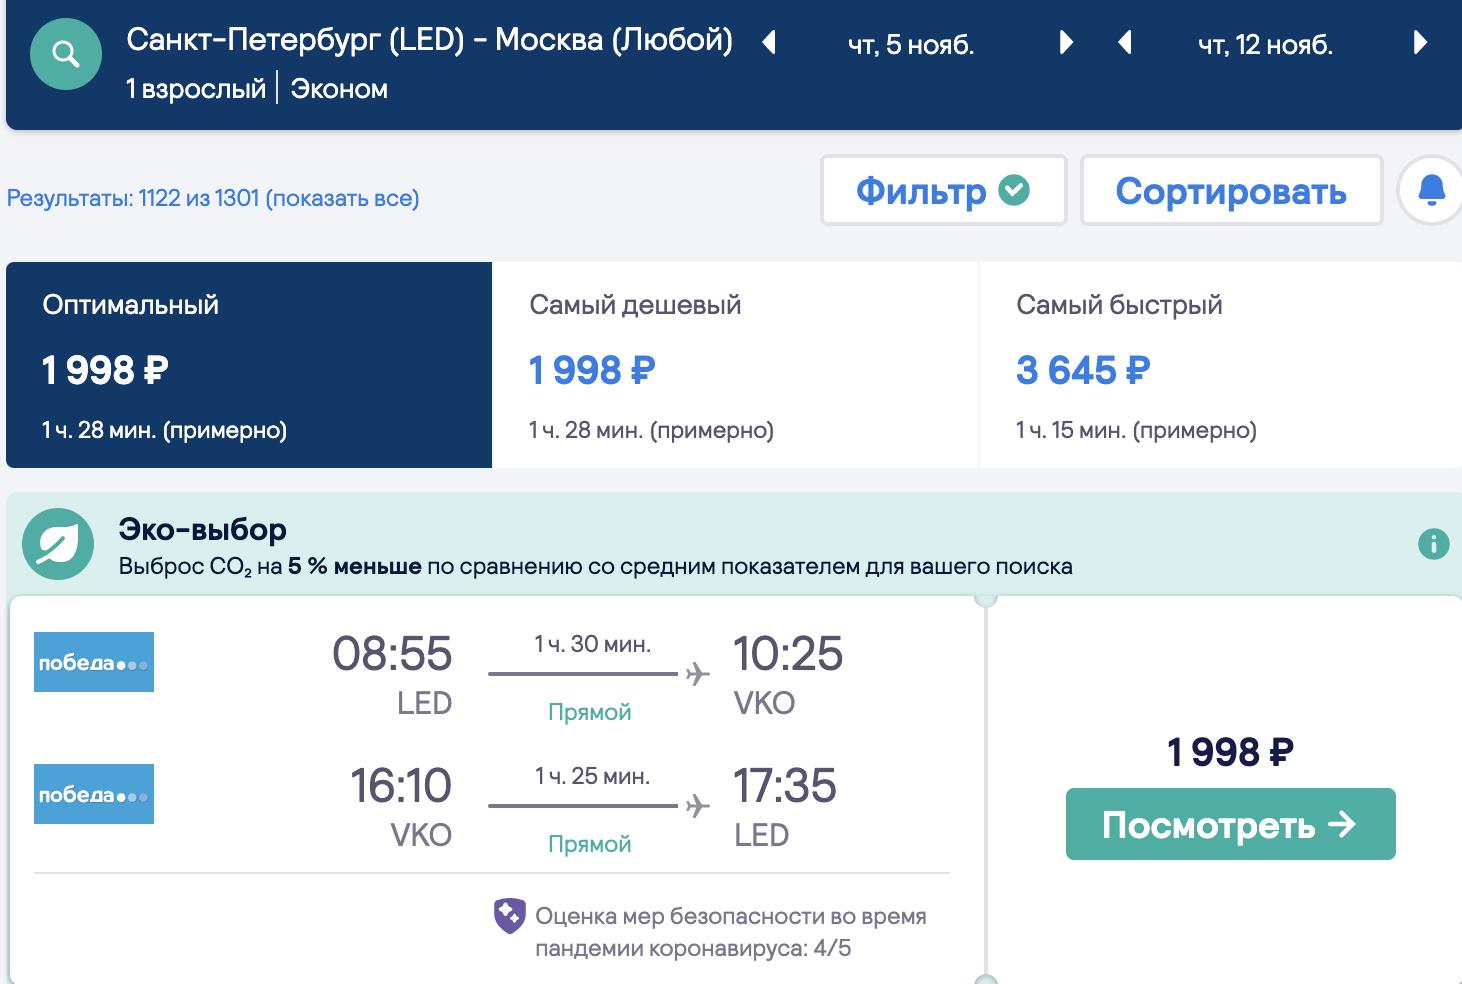 Победа: между Москвой и Санкт-Петербургом за 1998₽ туда-обратно в ноябре